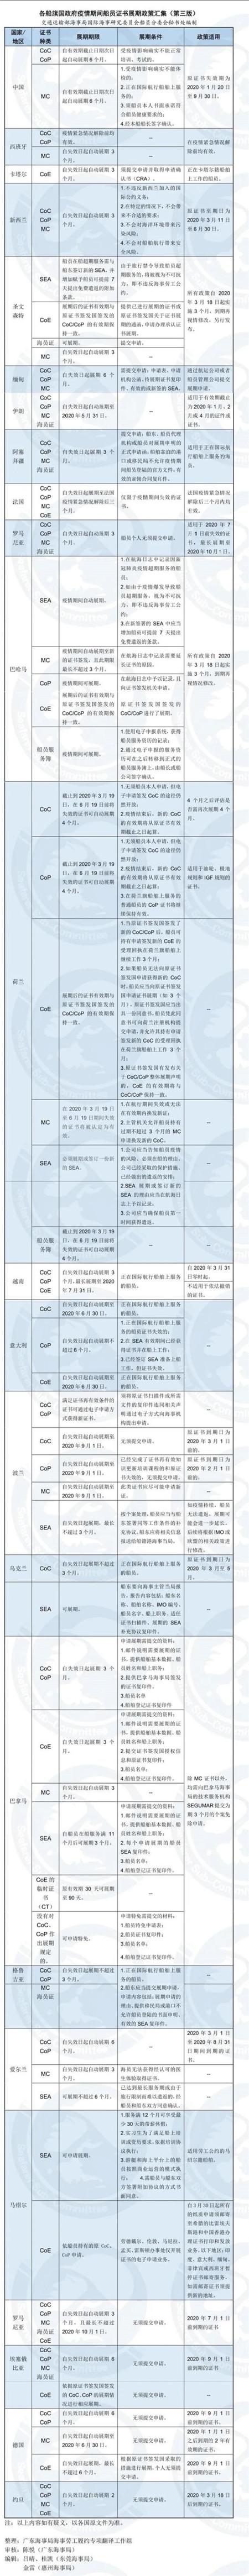 各船旗国政府疫情期间船员证书展期政策汇集